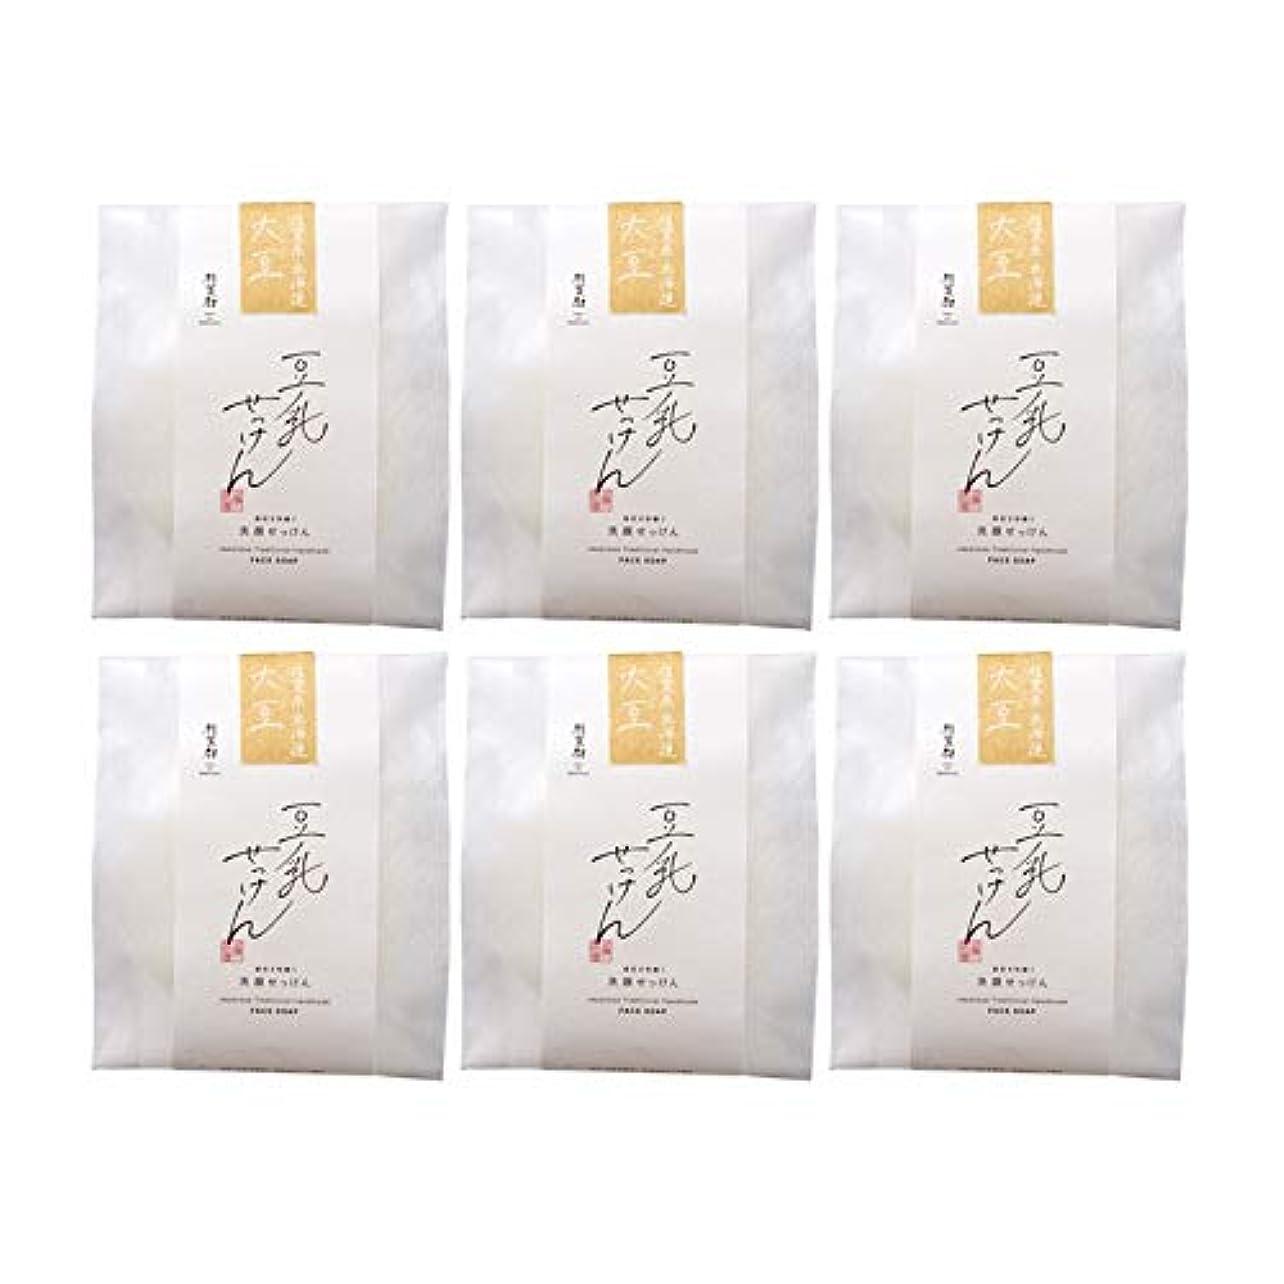 執着意図一時停止豆腐の盛田屋 豆乳せっけん 自然生活 100g×6個セット